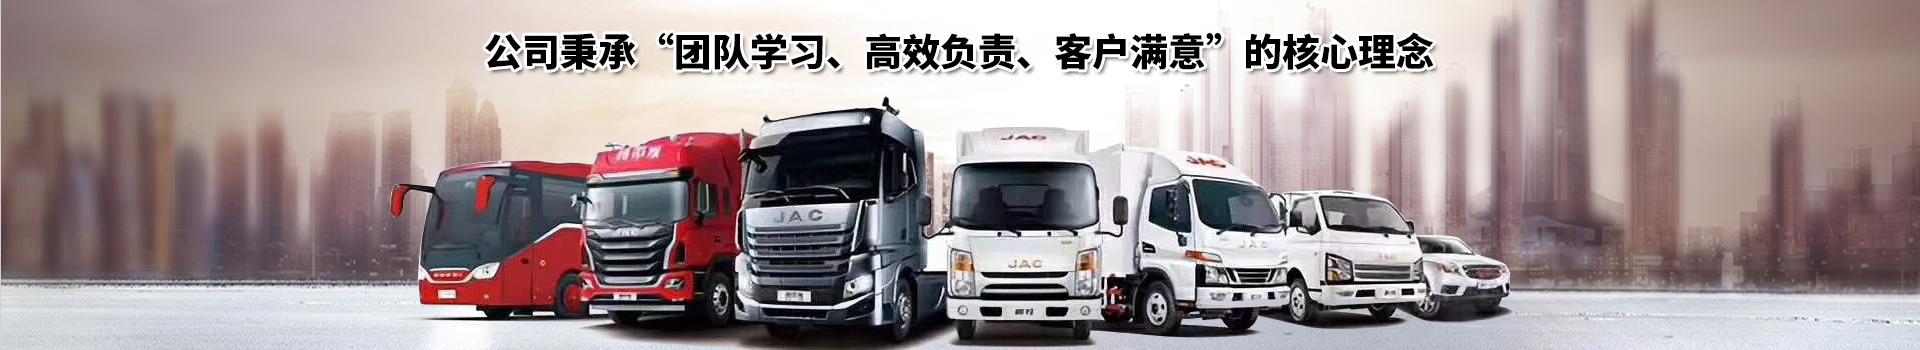 http://www.junxiangjac.com/data/upload/201911/20191107164655_865.jpg